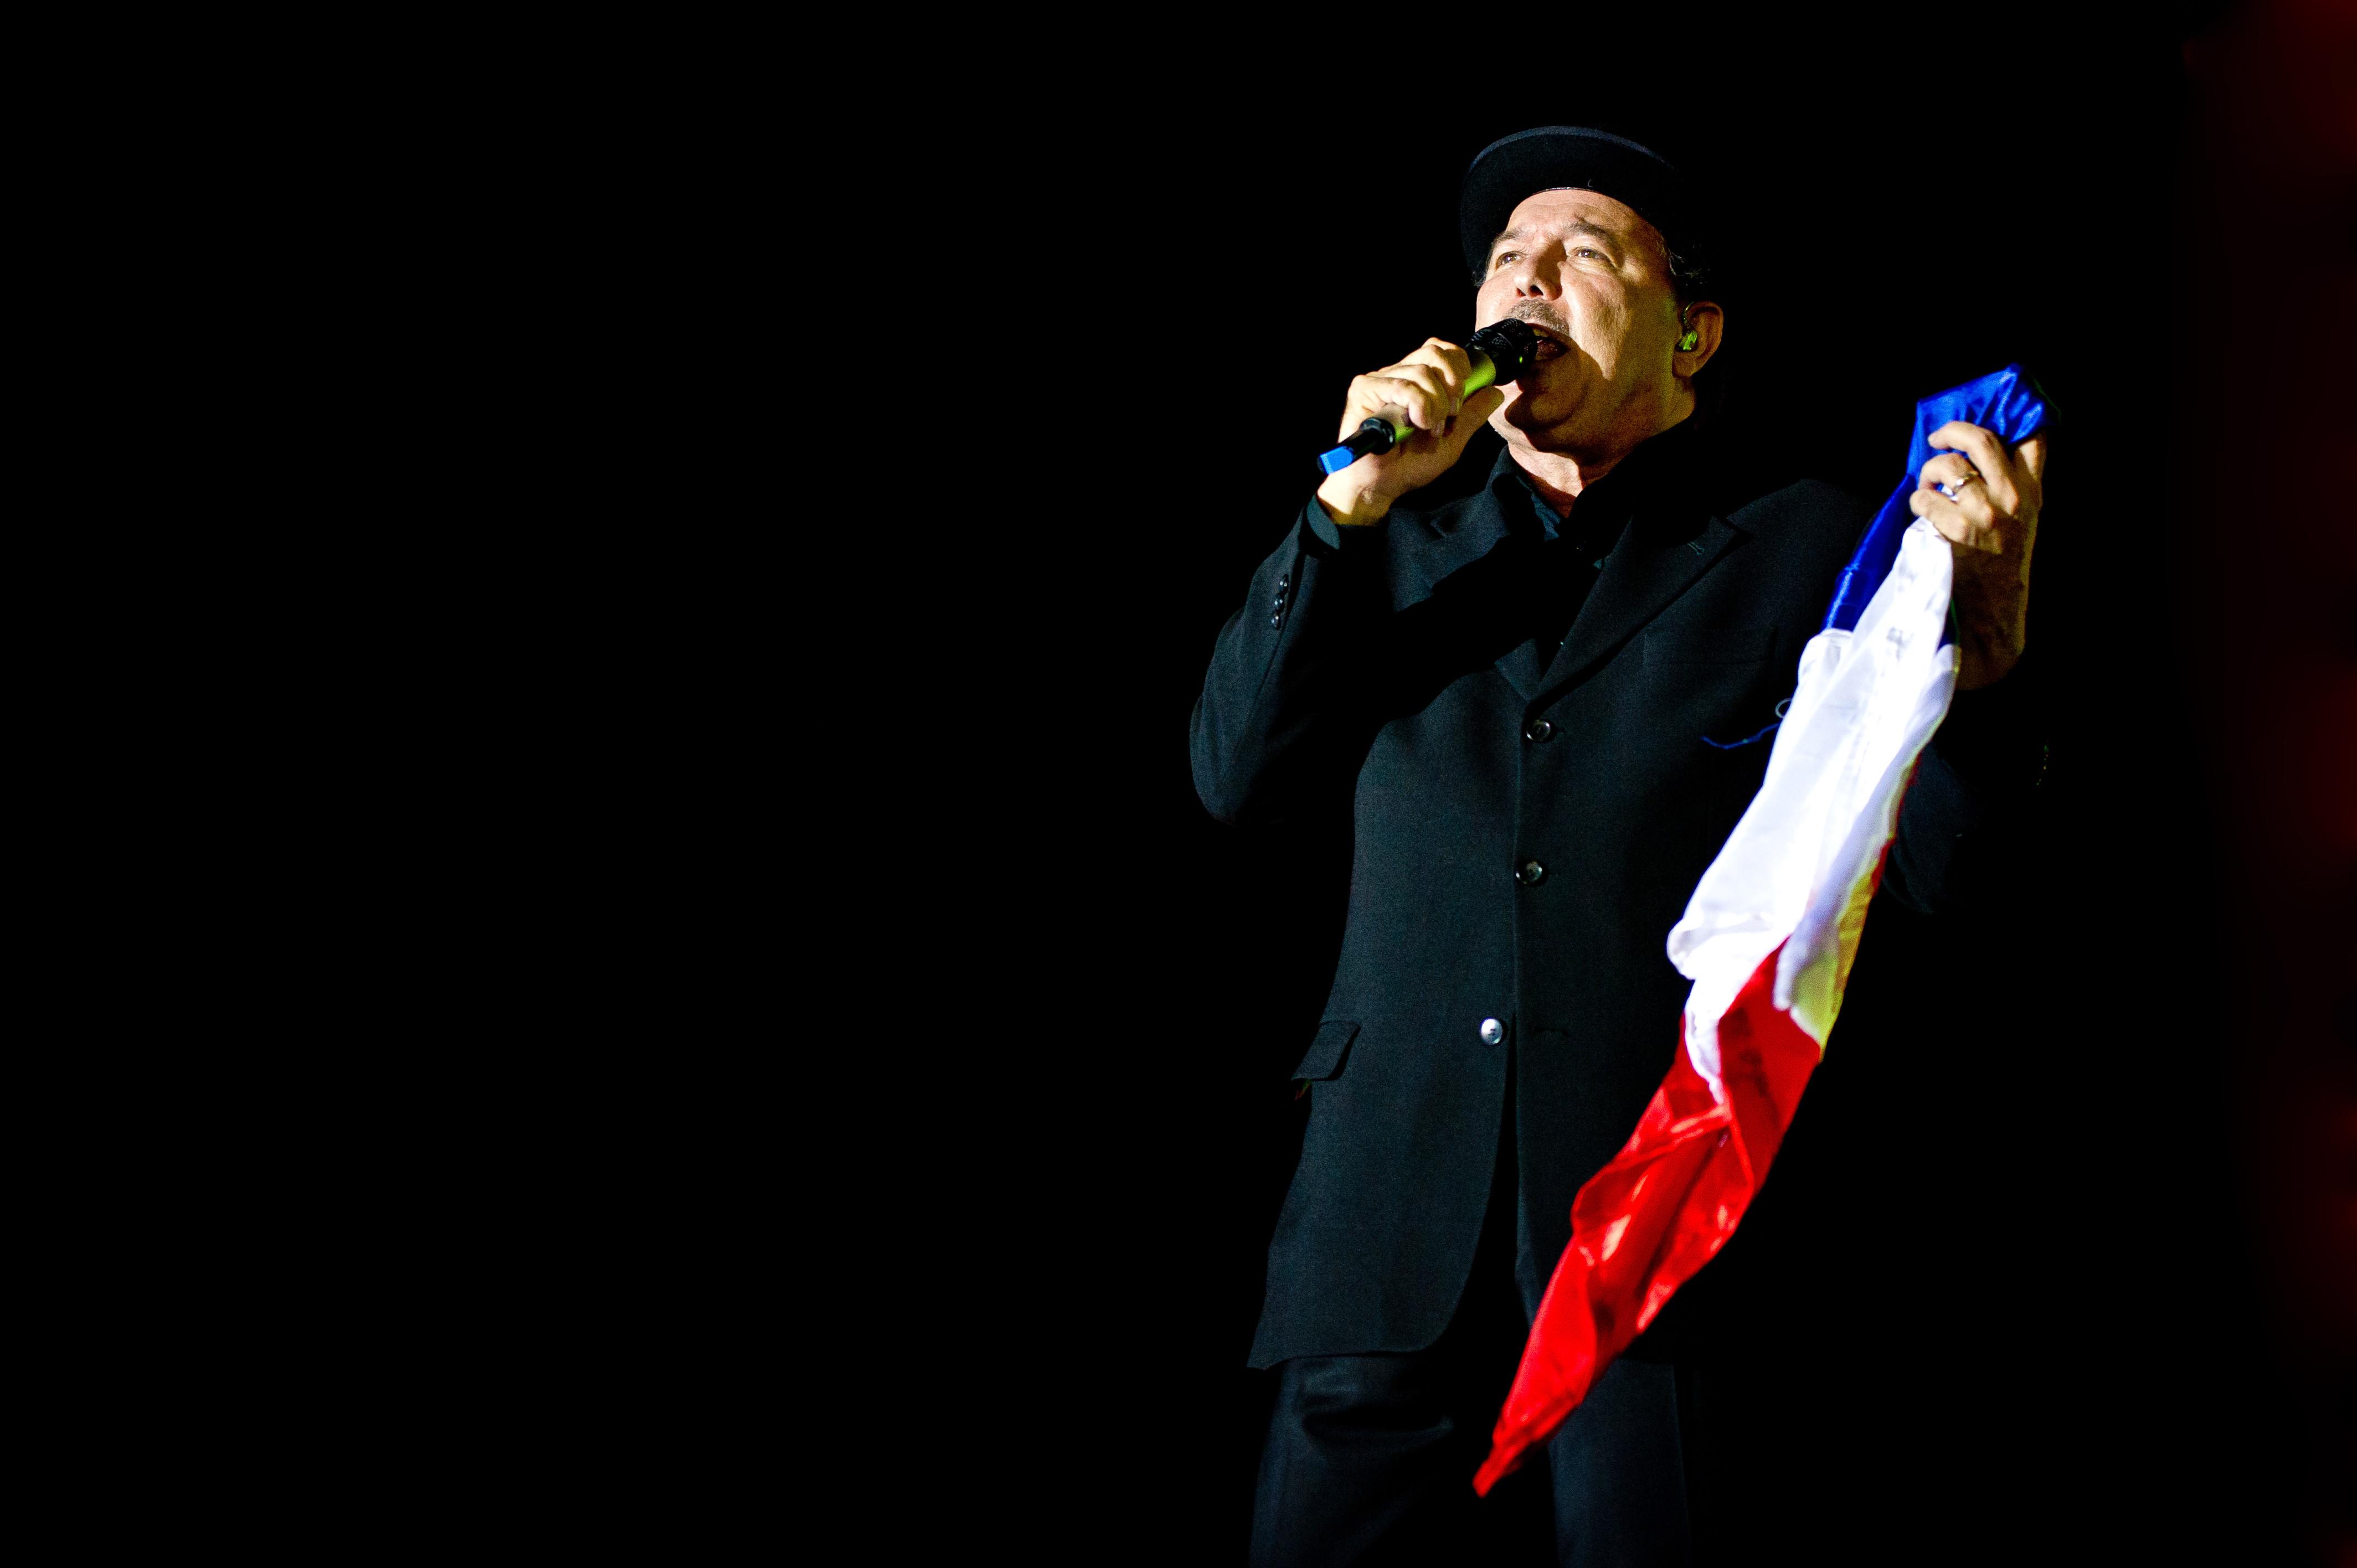 Rubén Blades en un concierto en 2012.